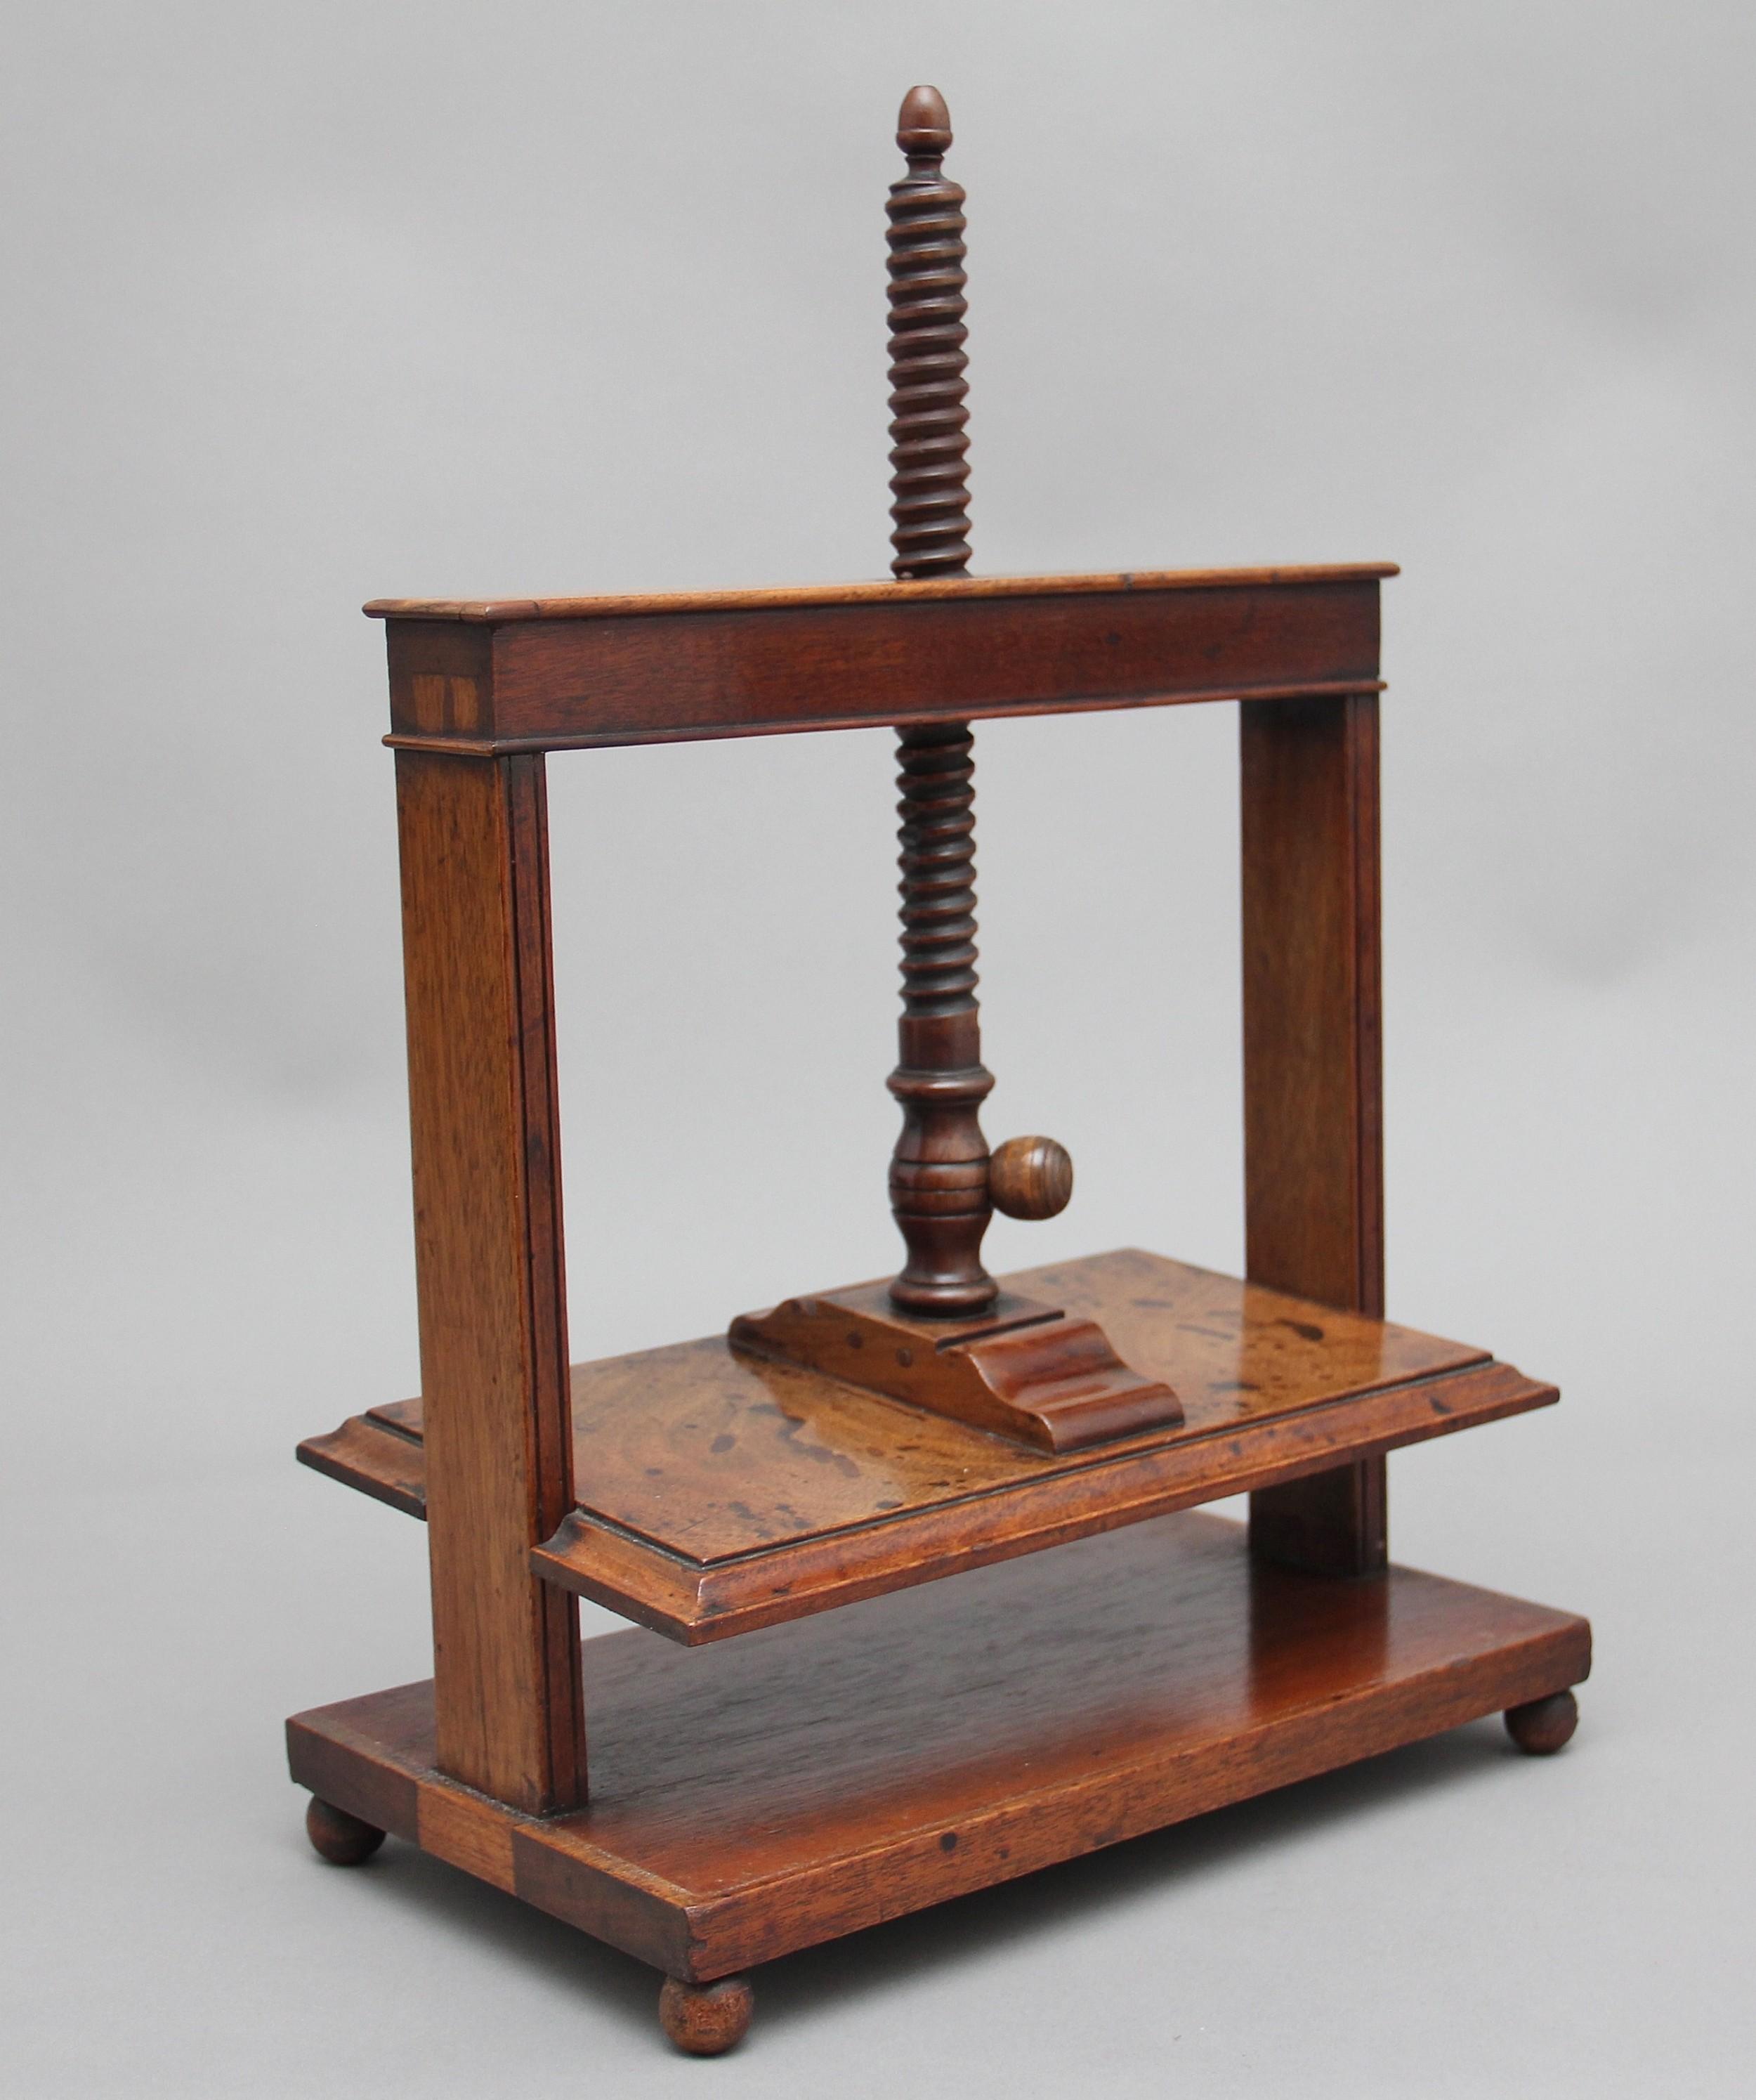 18th century mahogany book press